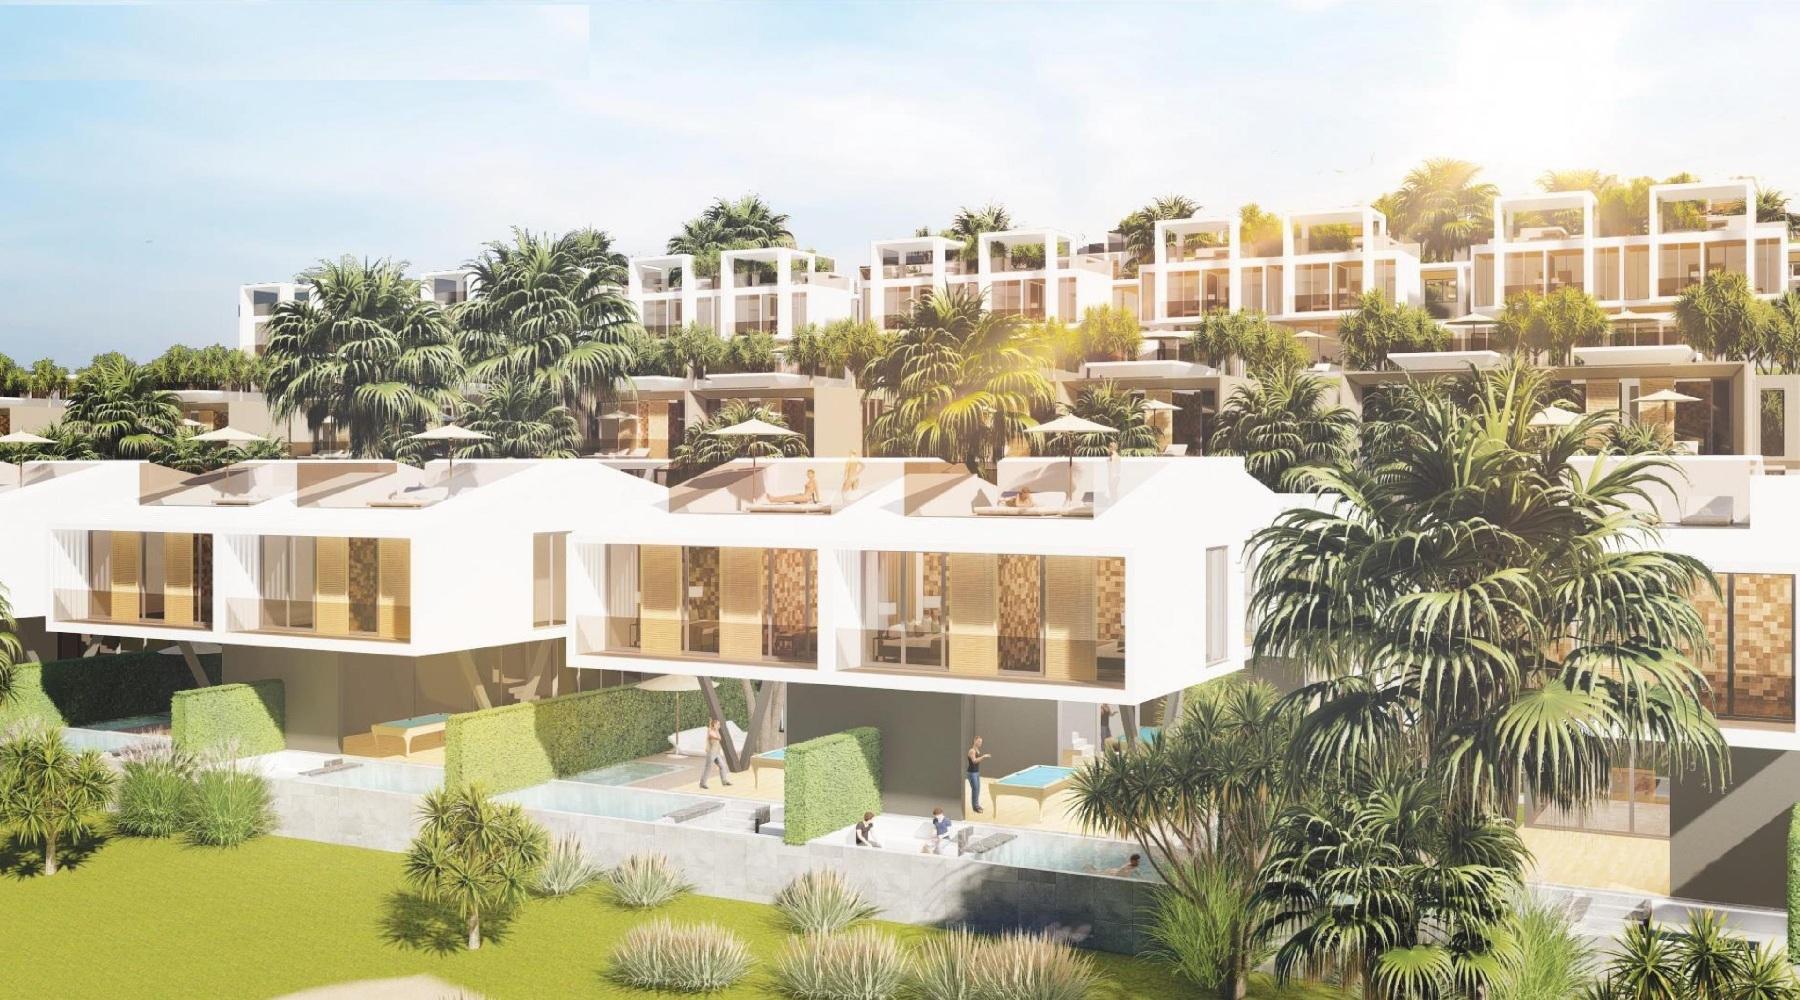 Biệt thự cao độ hướng Biển: bất động sản của giới siêu giàu